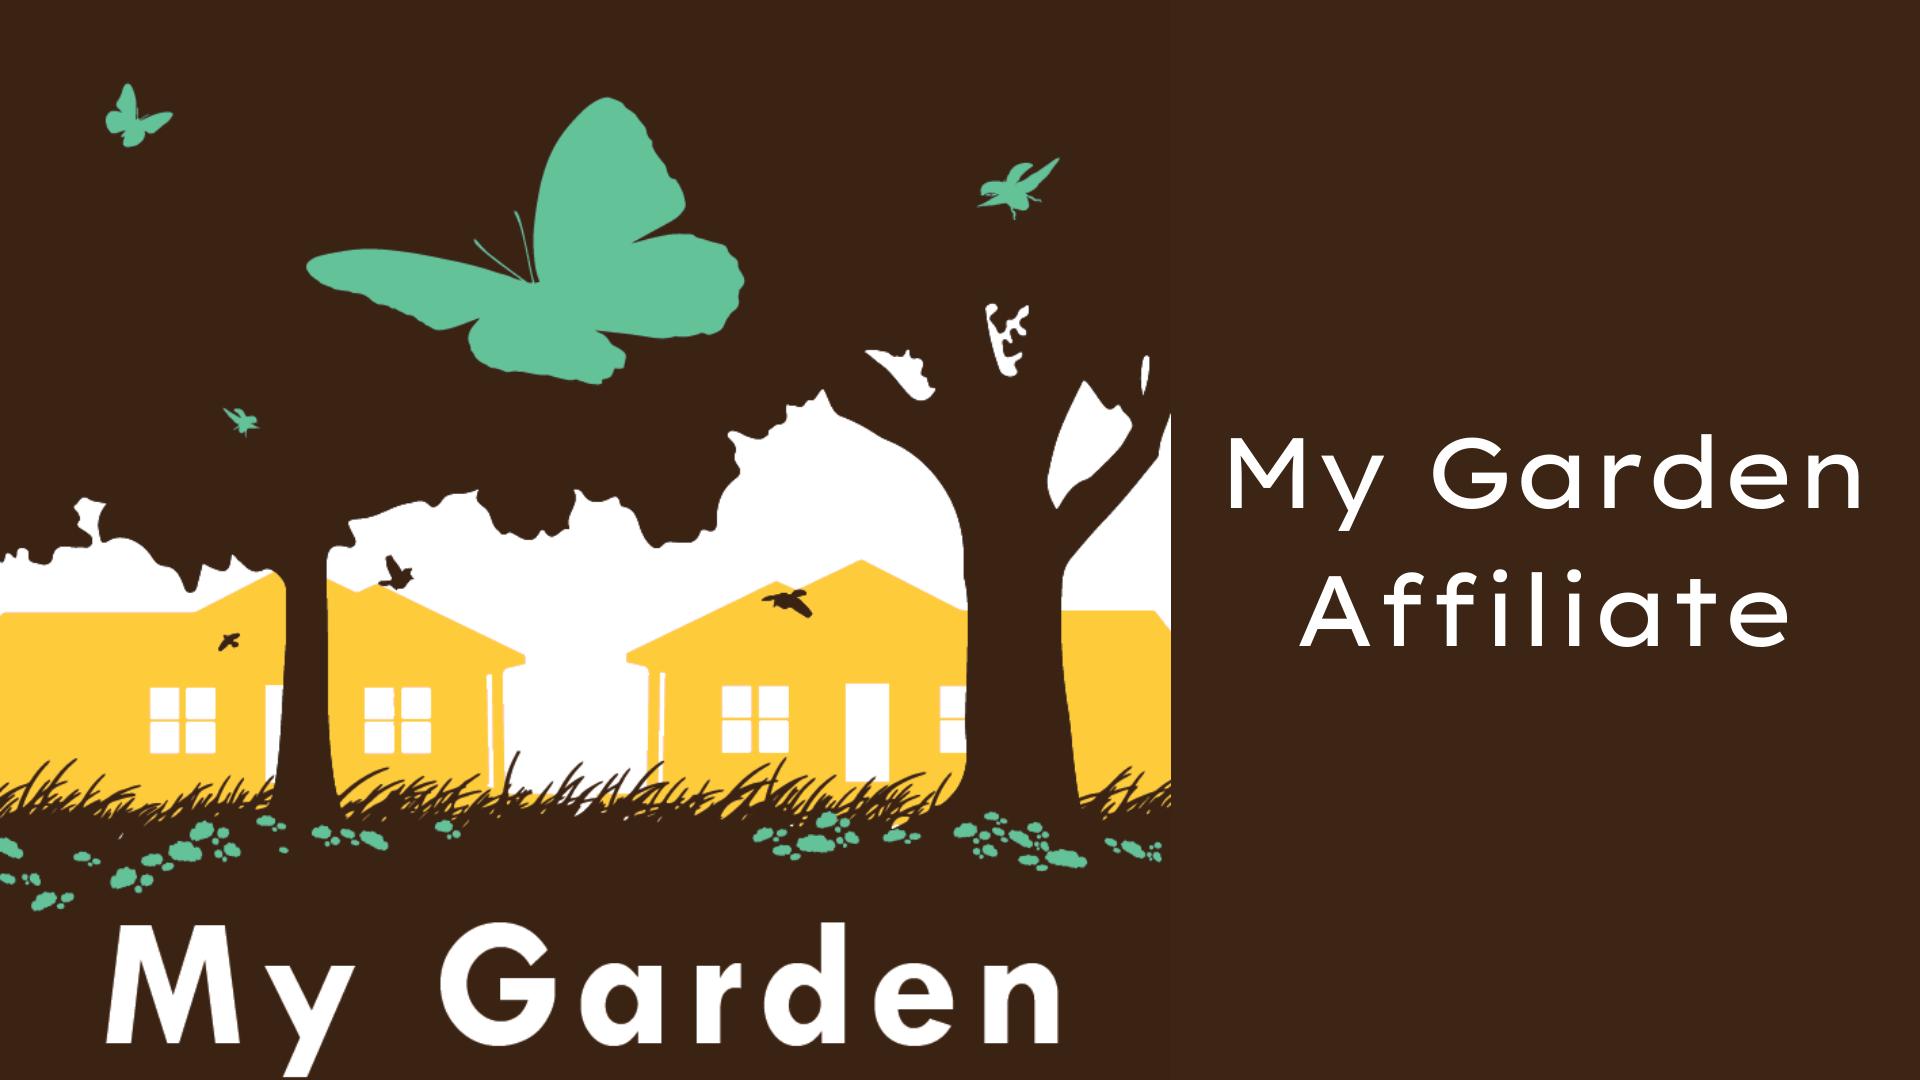 My Garden affiliation